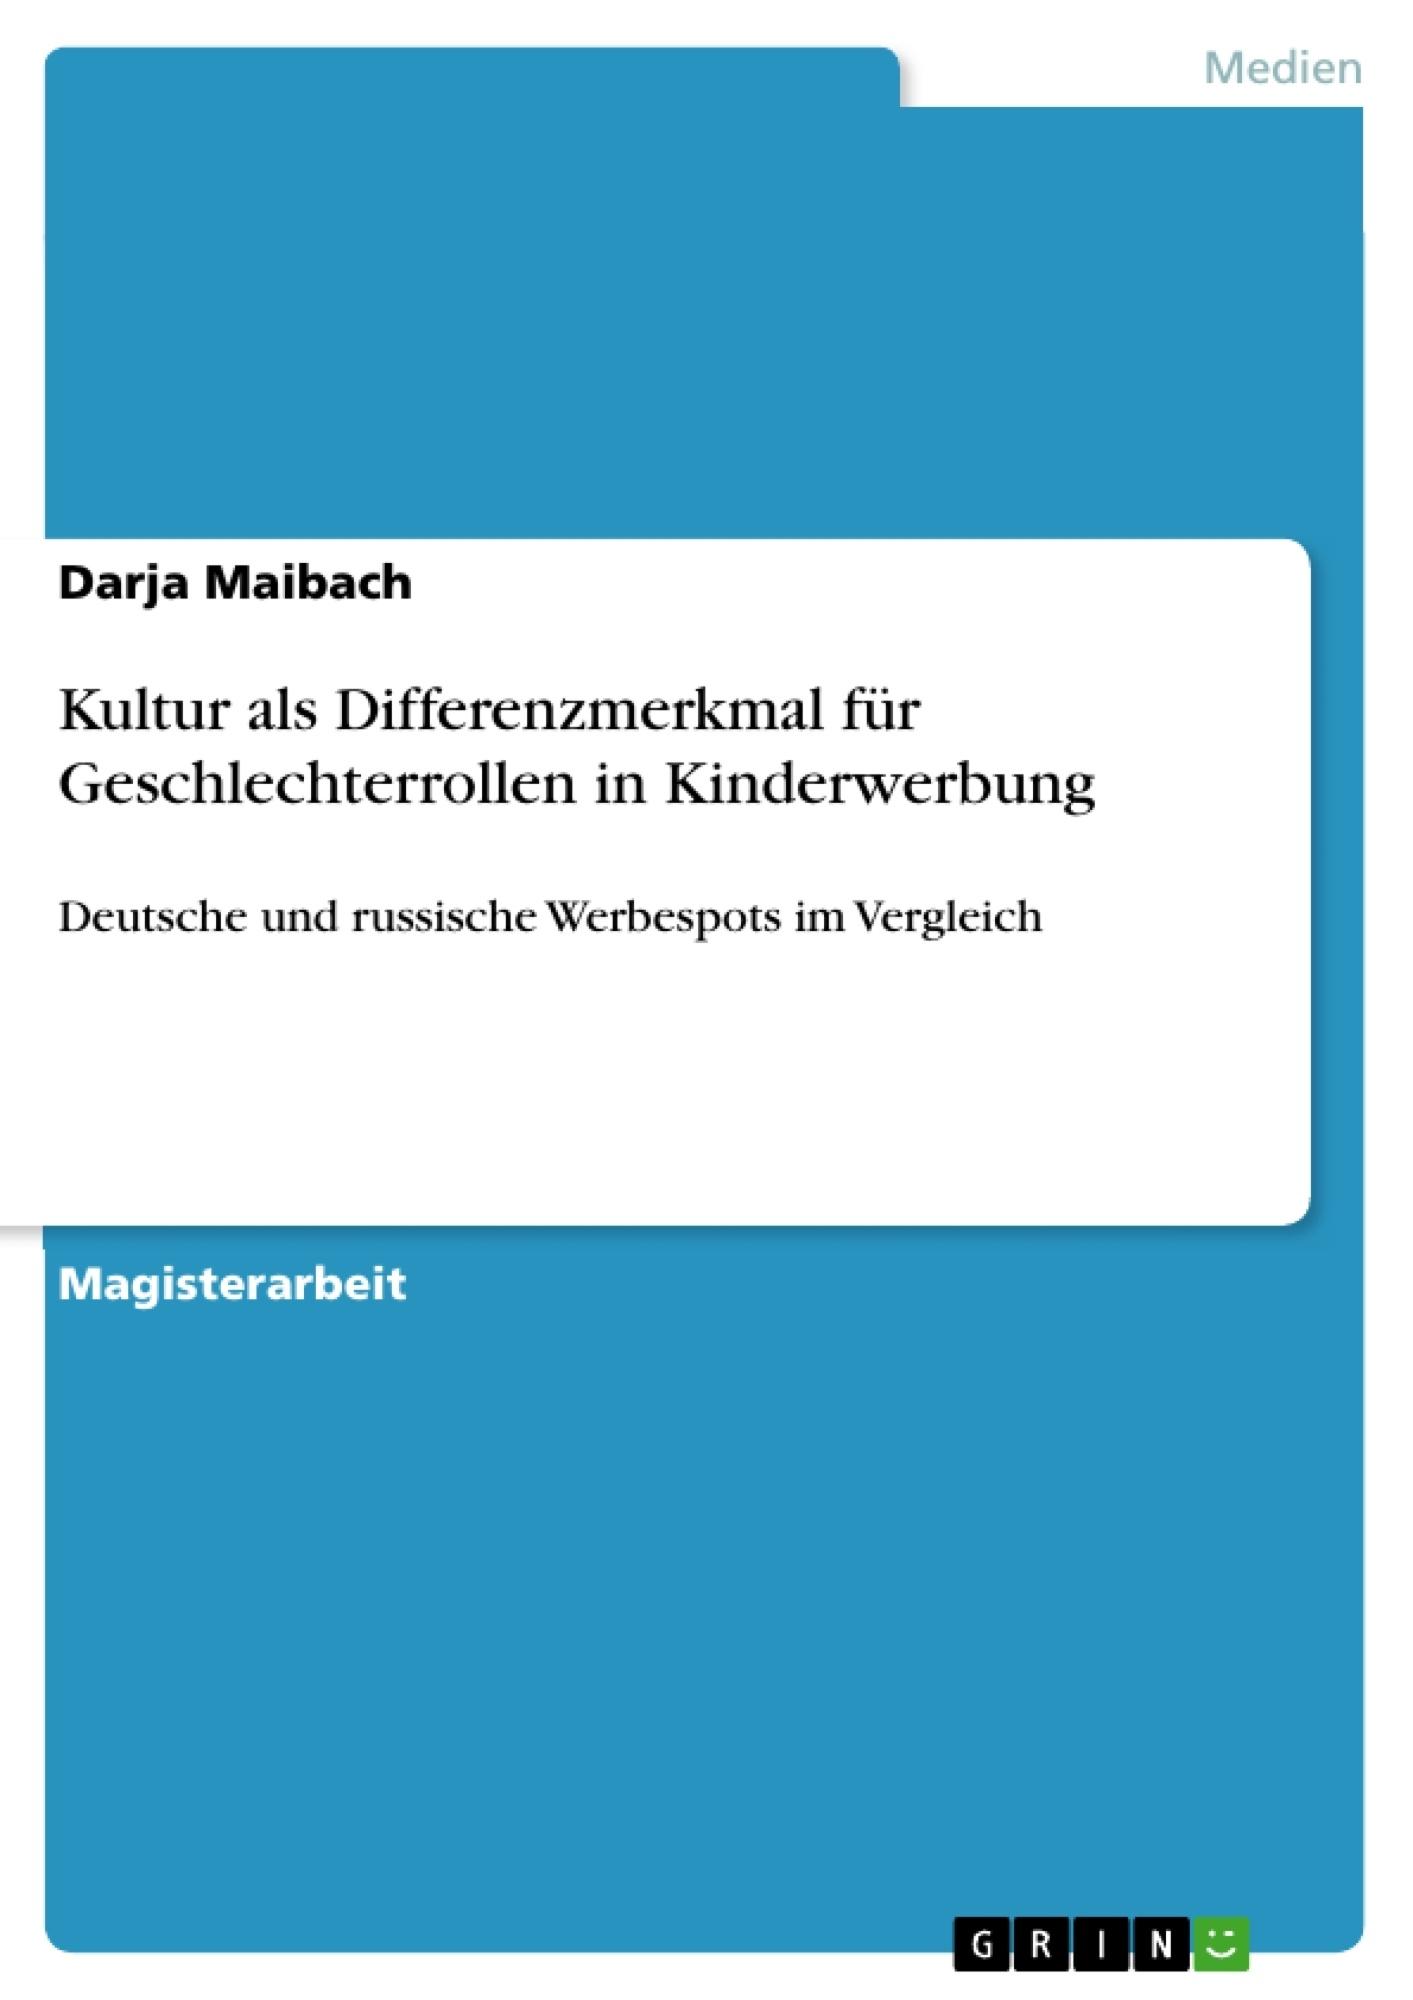 Titel: Kultur als Differenzmerkmal für Geschlechterrollen in Kinderwerbung